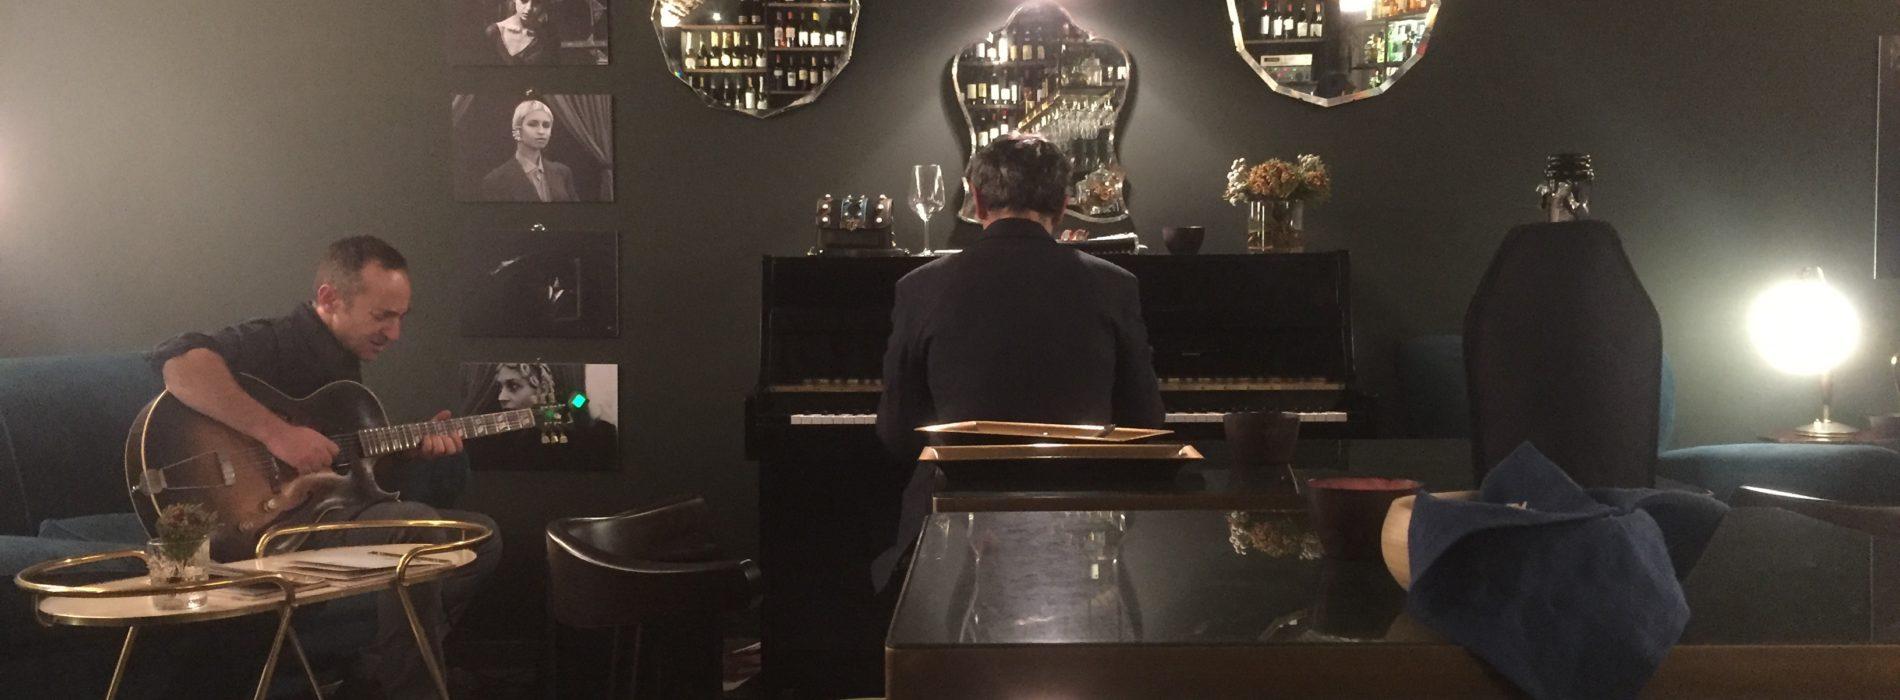 Stilelibero Roma, la cucina di Max Mariola e il jazz dal vivo, un connubio perfetto